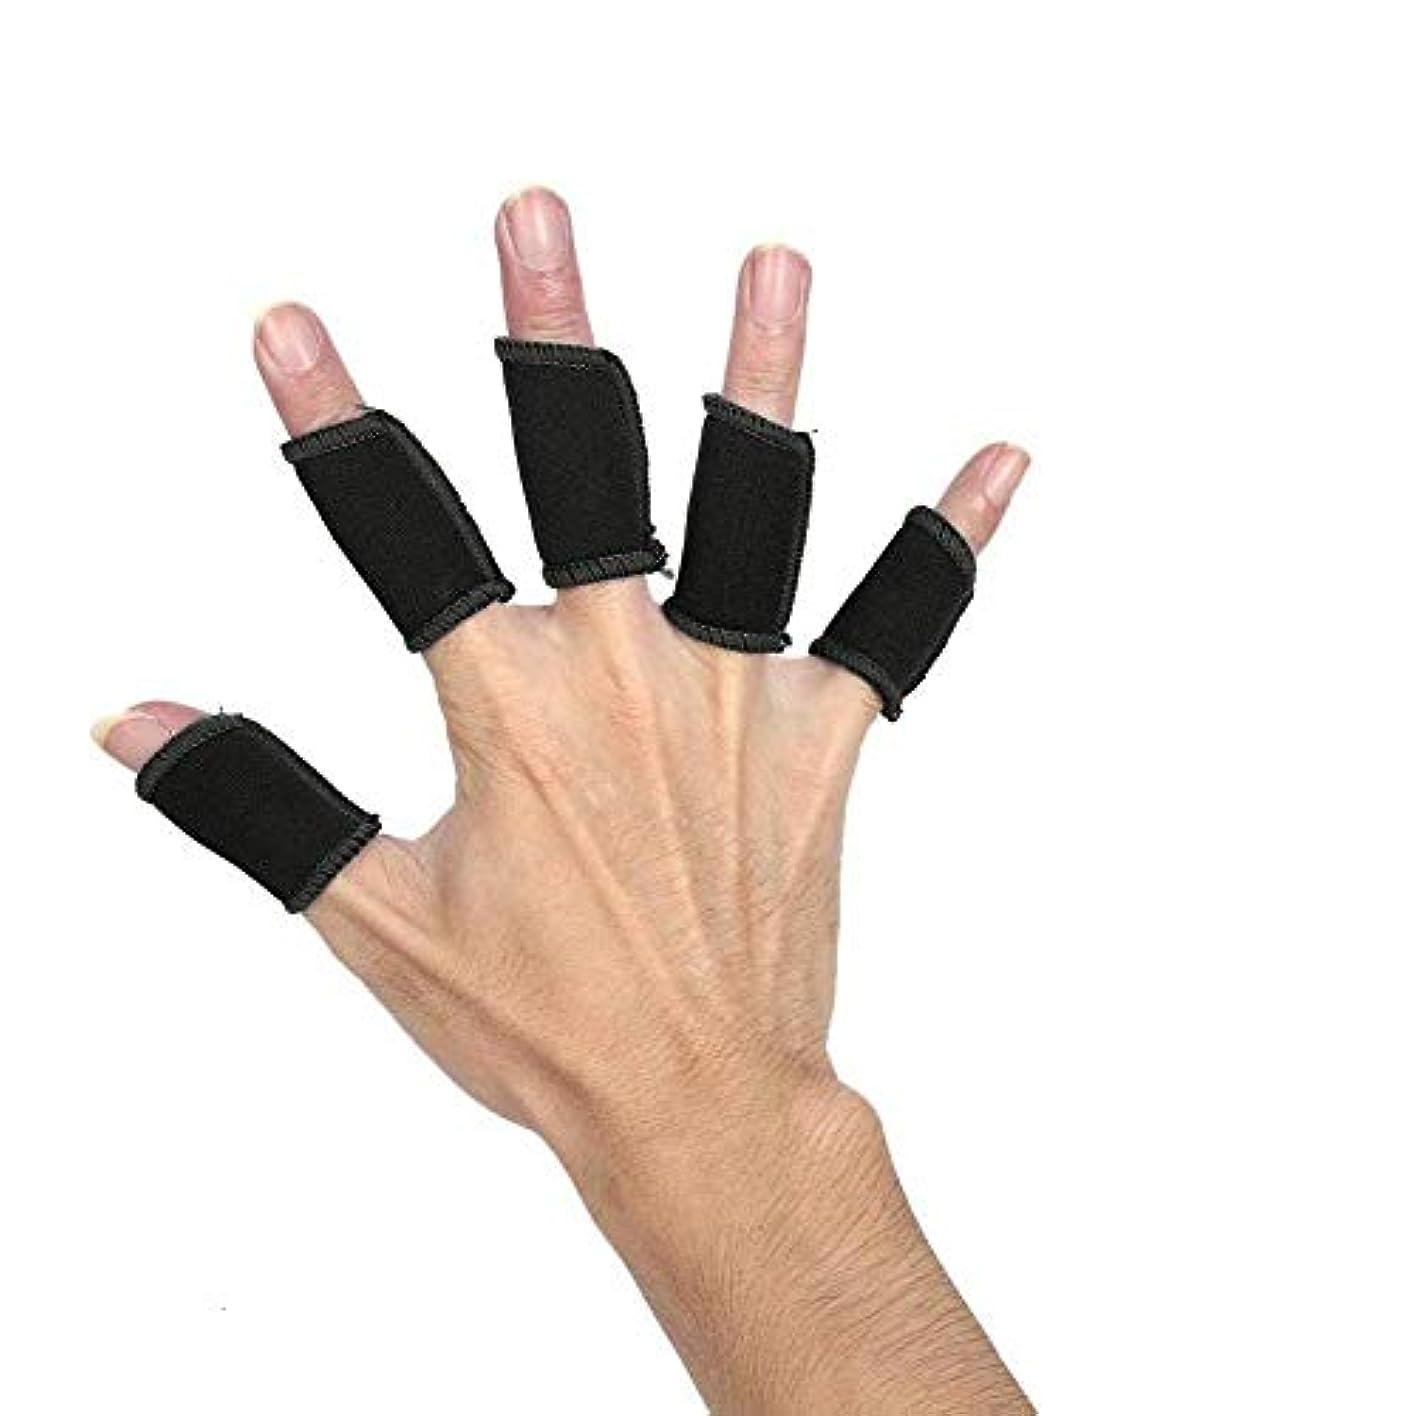 ローンクルーズ液体指の損傷のサポート、指のプロテクター5個のサポートスポーツの指のサポートスプリントプロテクター親指のサポートプロテクター,Black